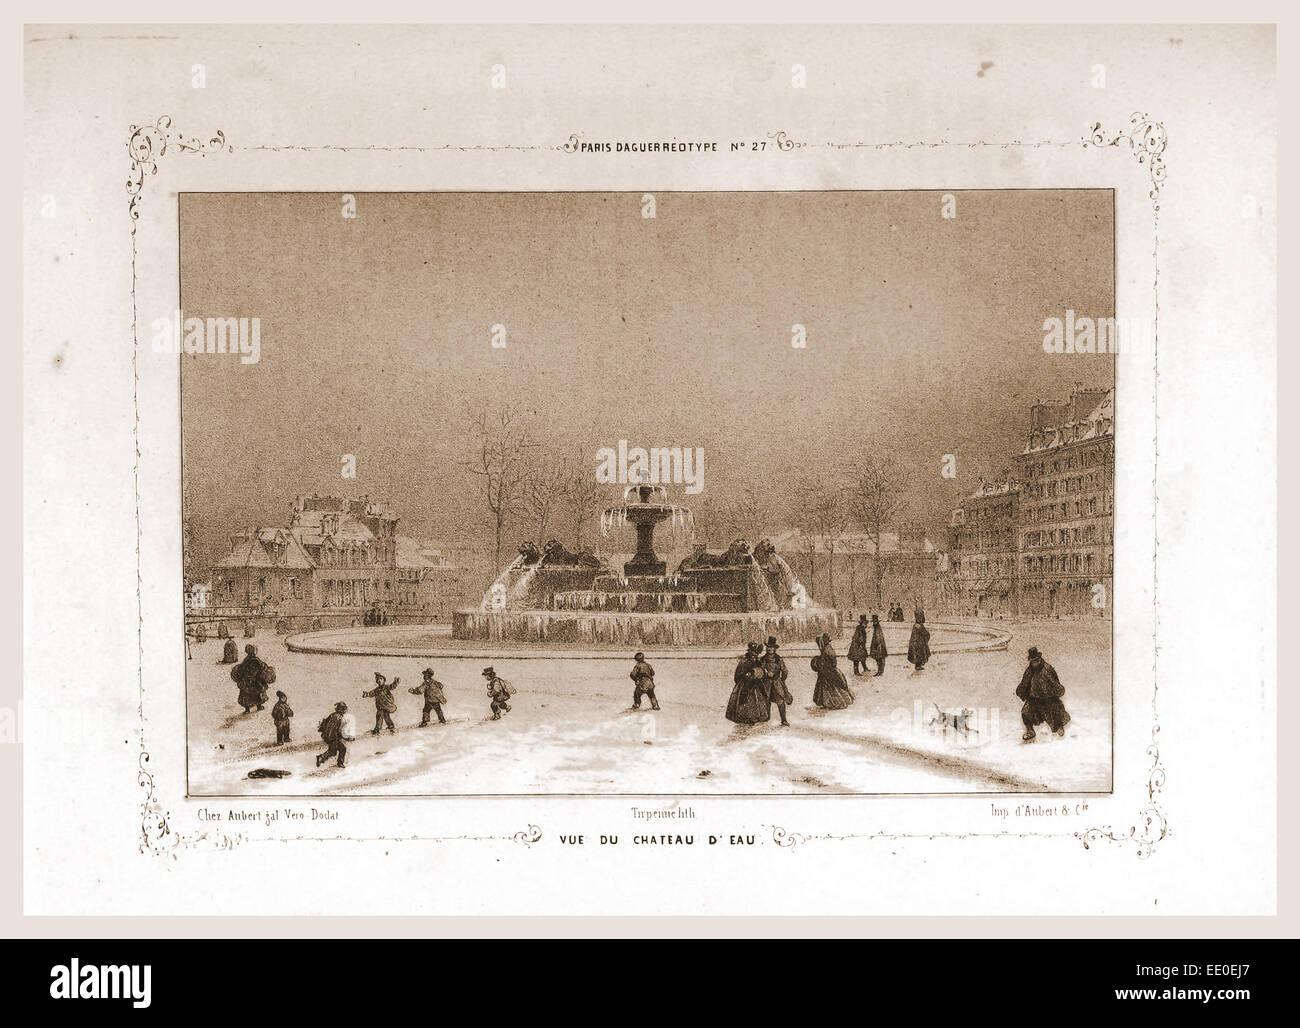 Vue de Chateau D'Eau, Paris and surroundings, daguerreotype, M. C. Philipon,19th century engraving - Stock Image